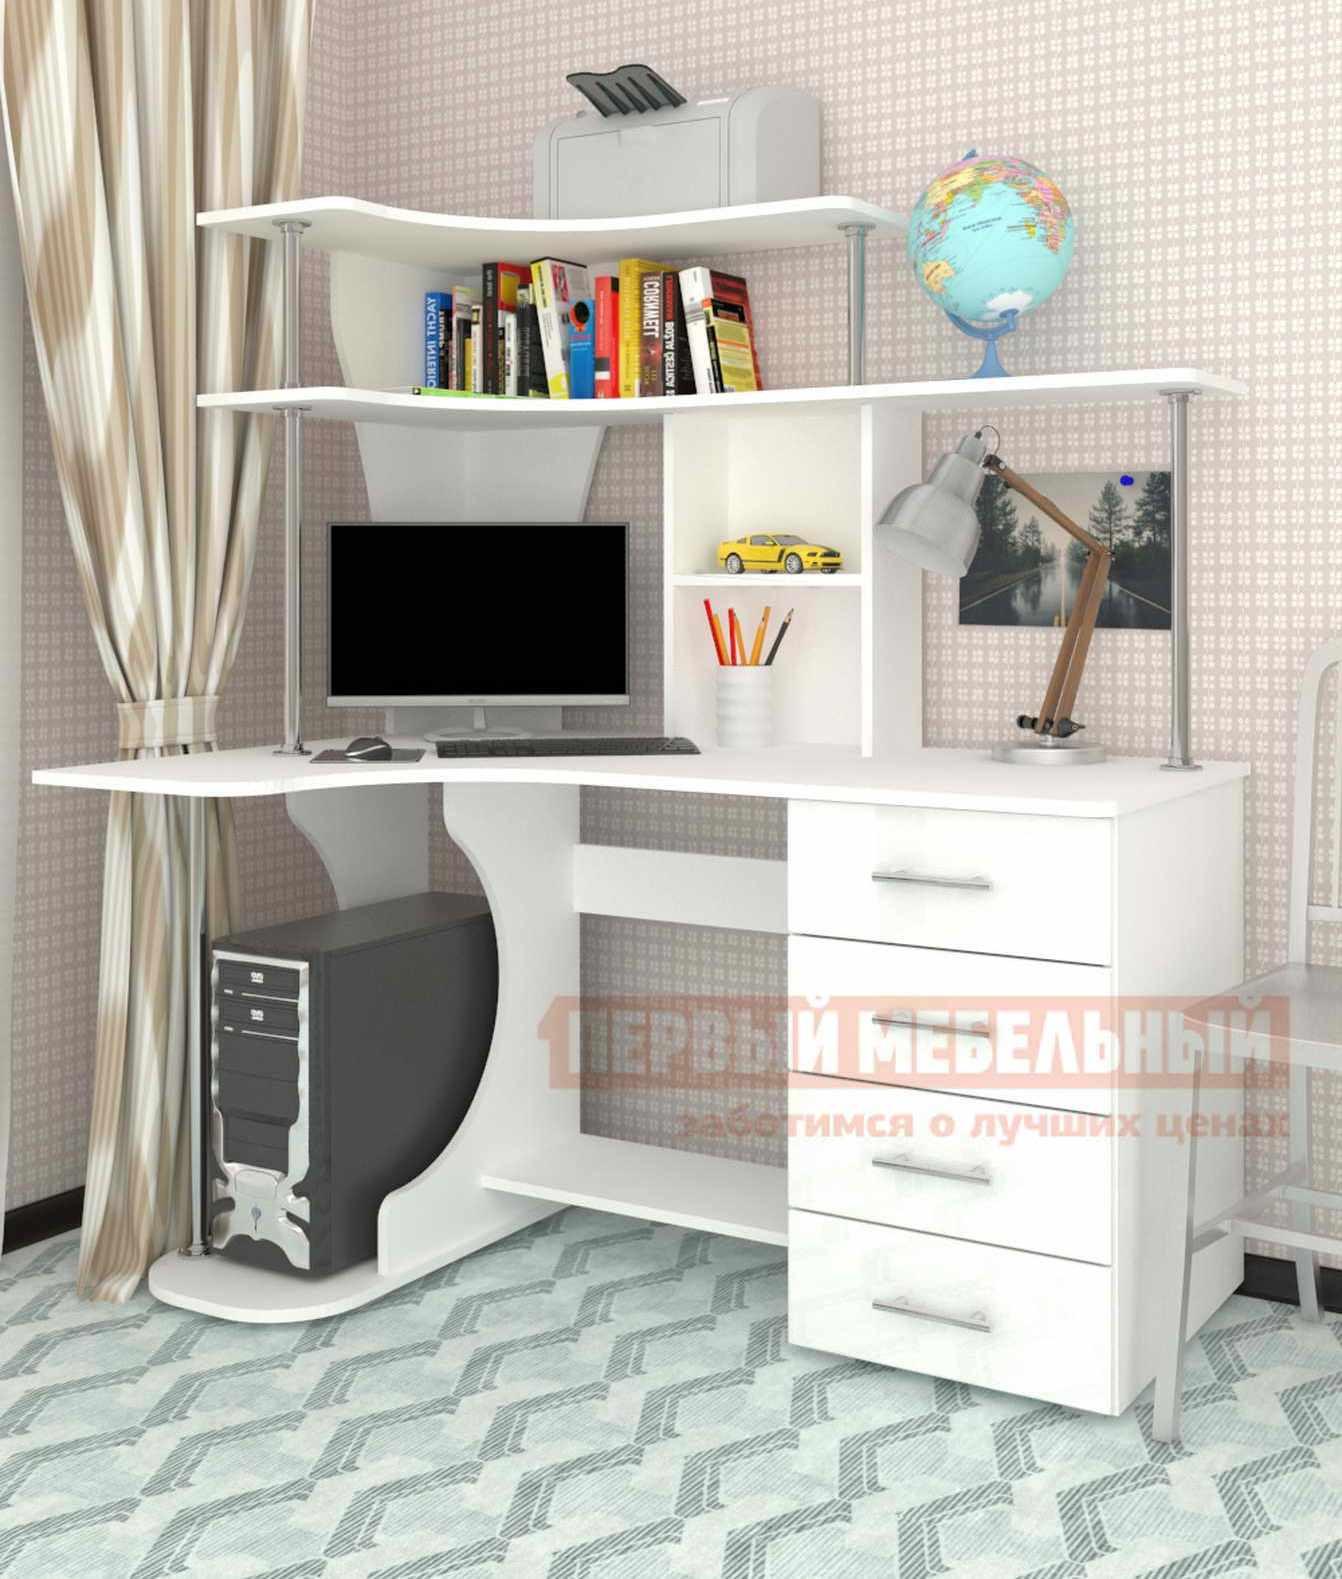 Купить со скидкой Компьютерный стол Мебелеф Мебелеф-3 Белый, Левый